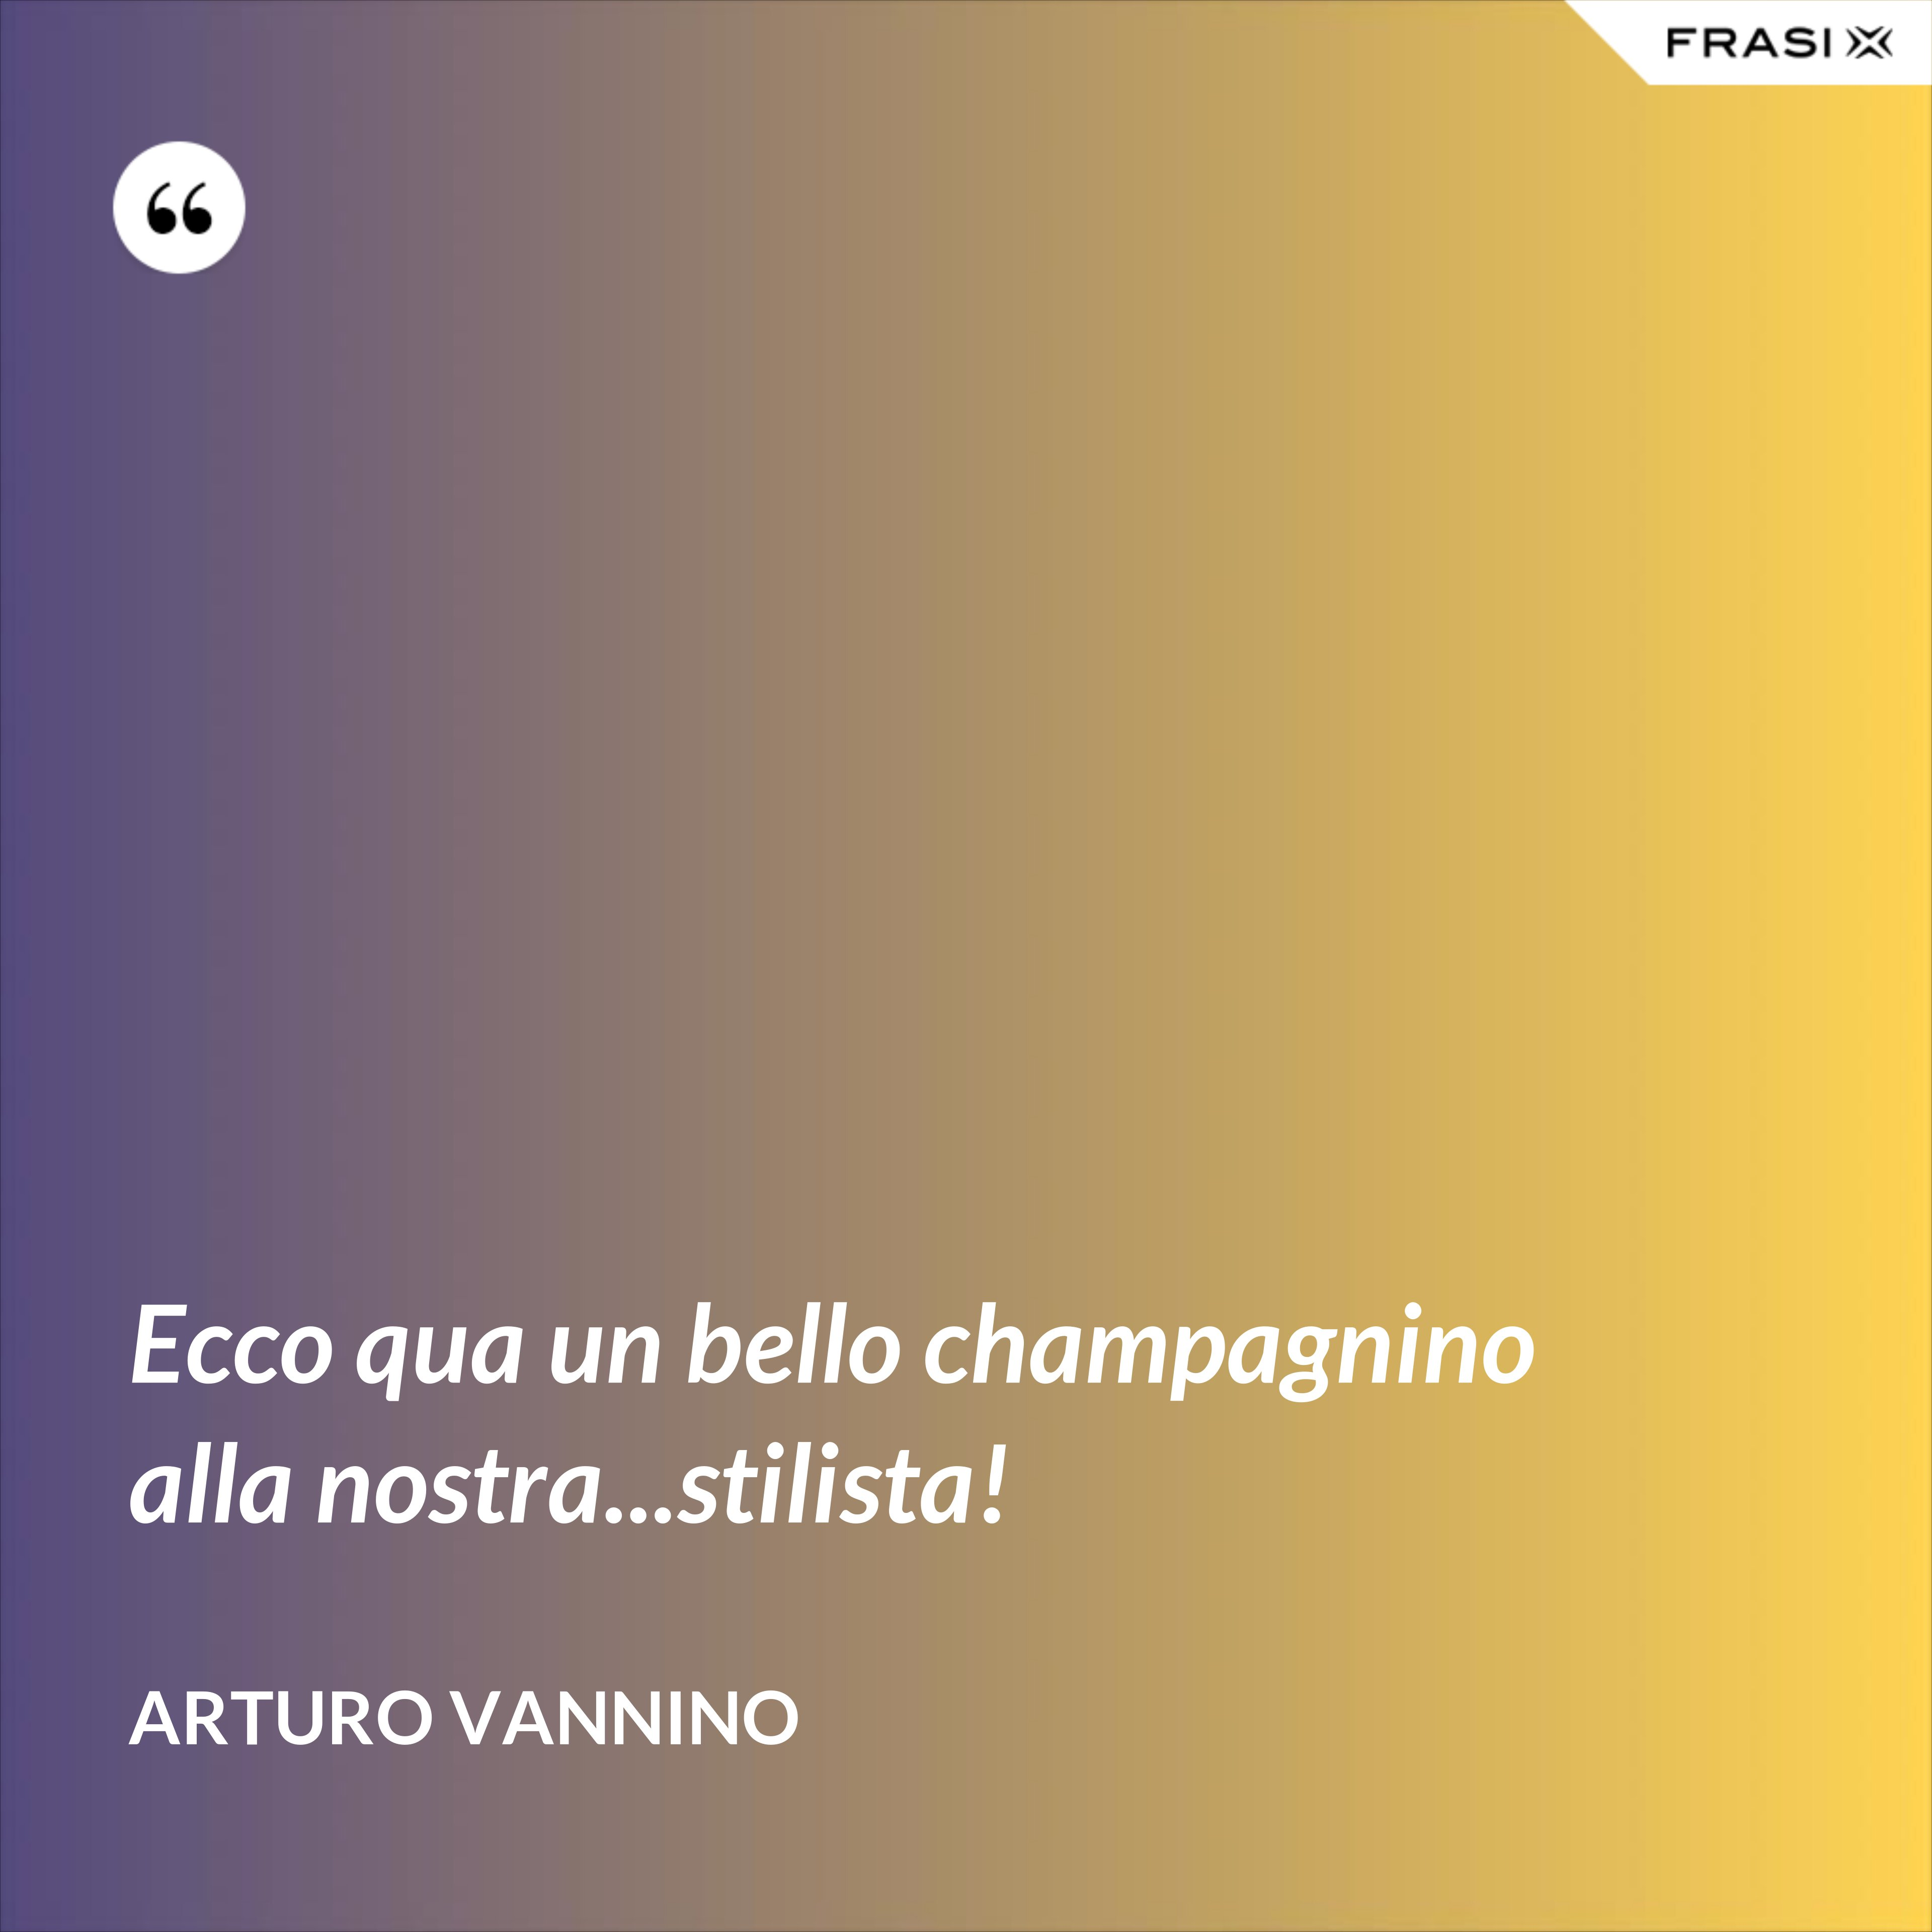 Ecco qua un bello champagnino alla nostra...stilista! - Arturo Vannino